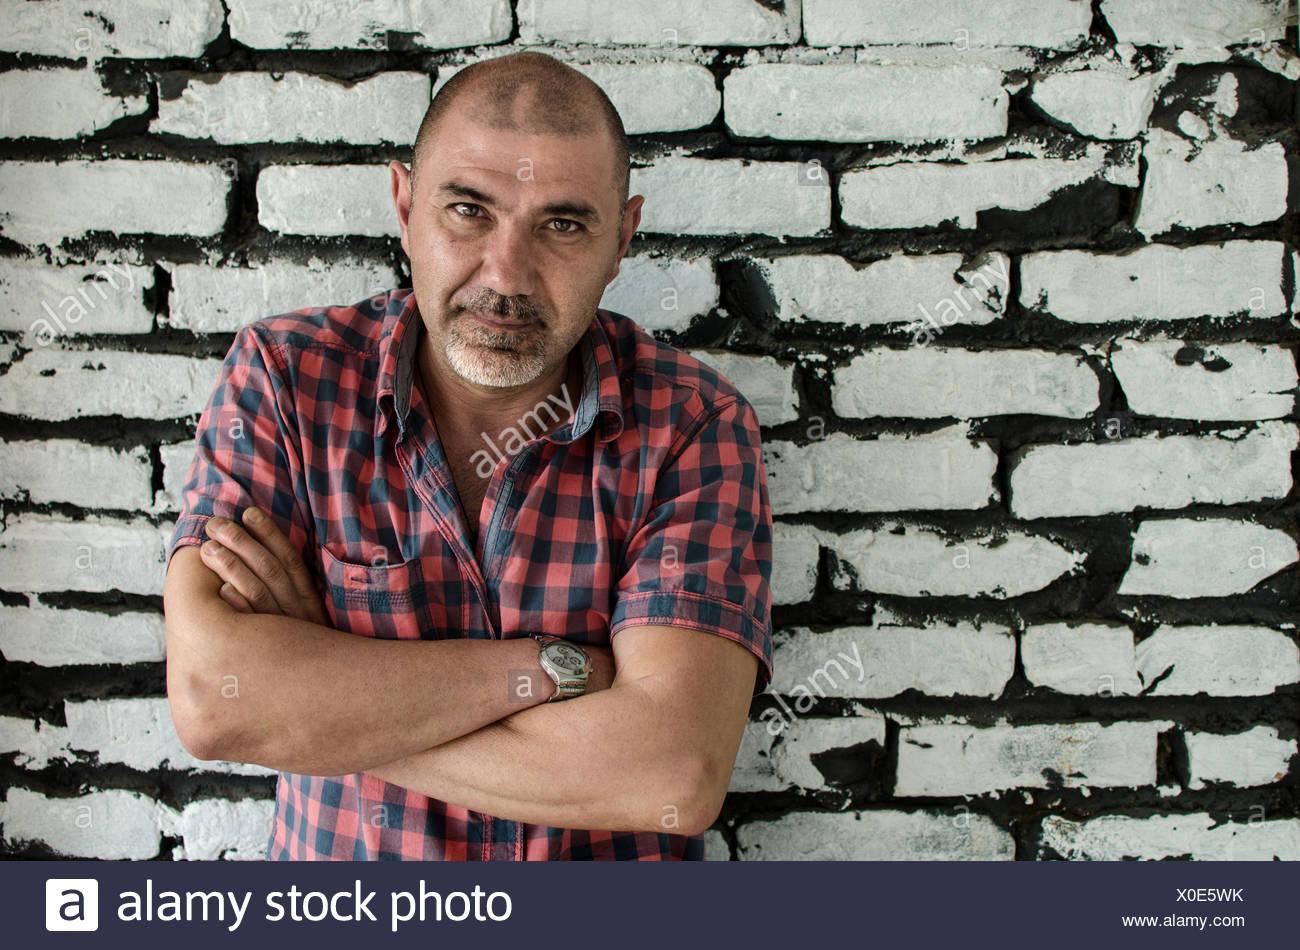 Porträt eines Mannes mit Arme gekreuzt stehend durch eine Mauer Stockbild